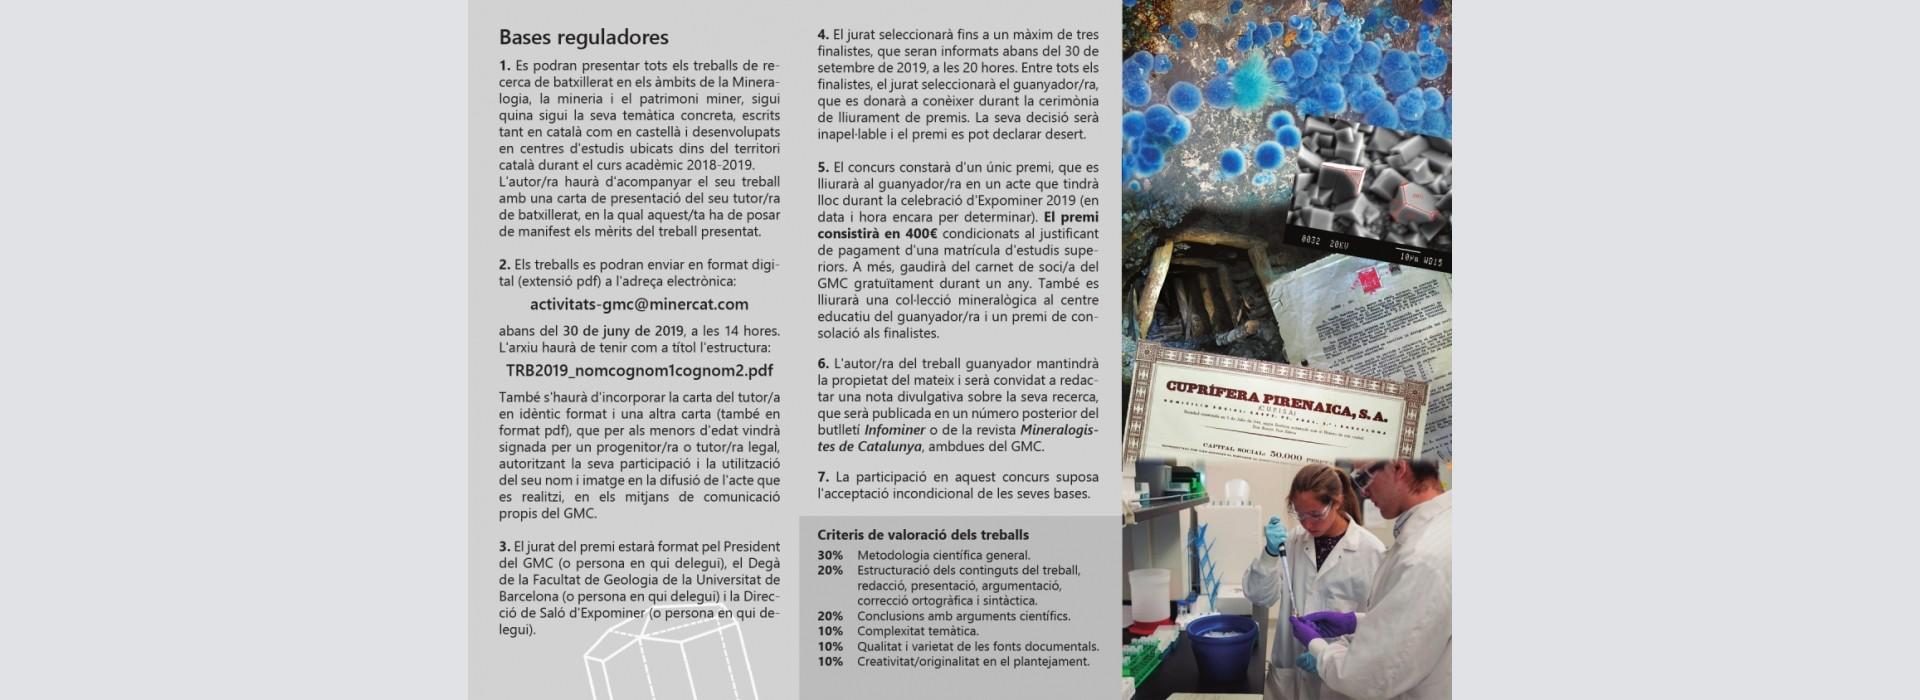 Premi GMC 2018-2019 a treballs de recerca de batxillerat